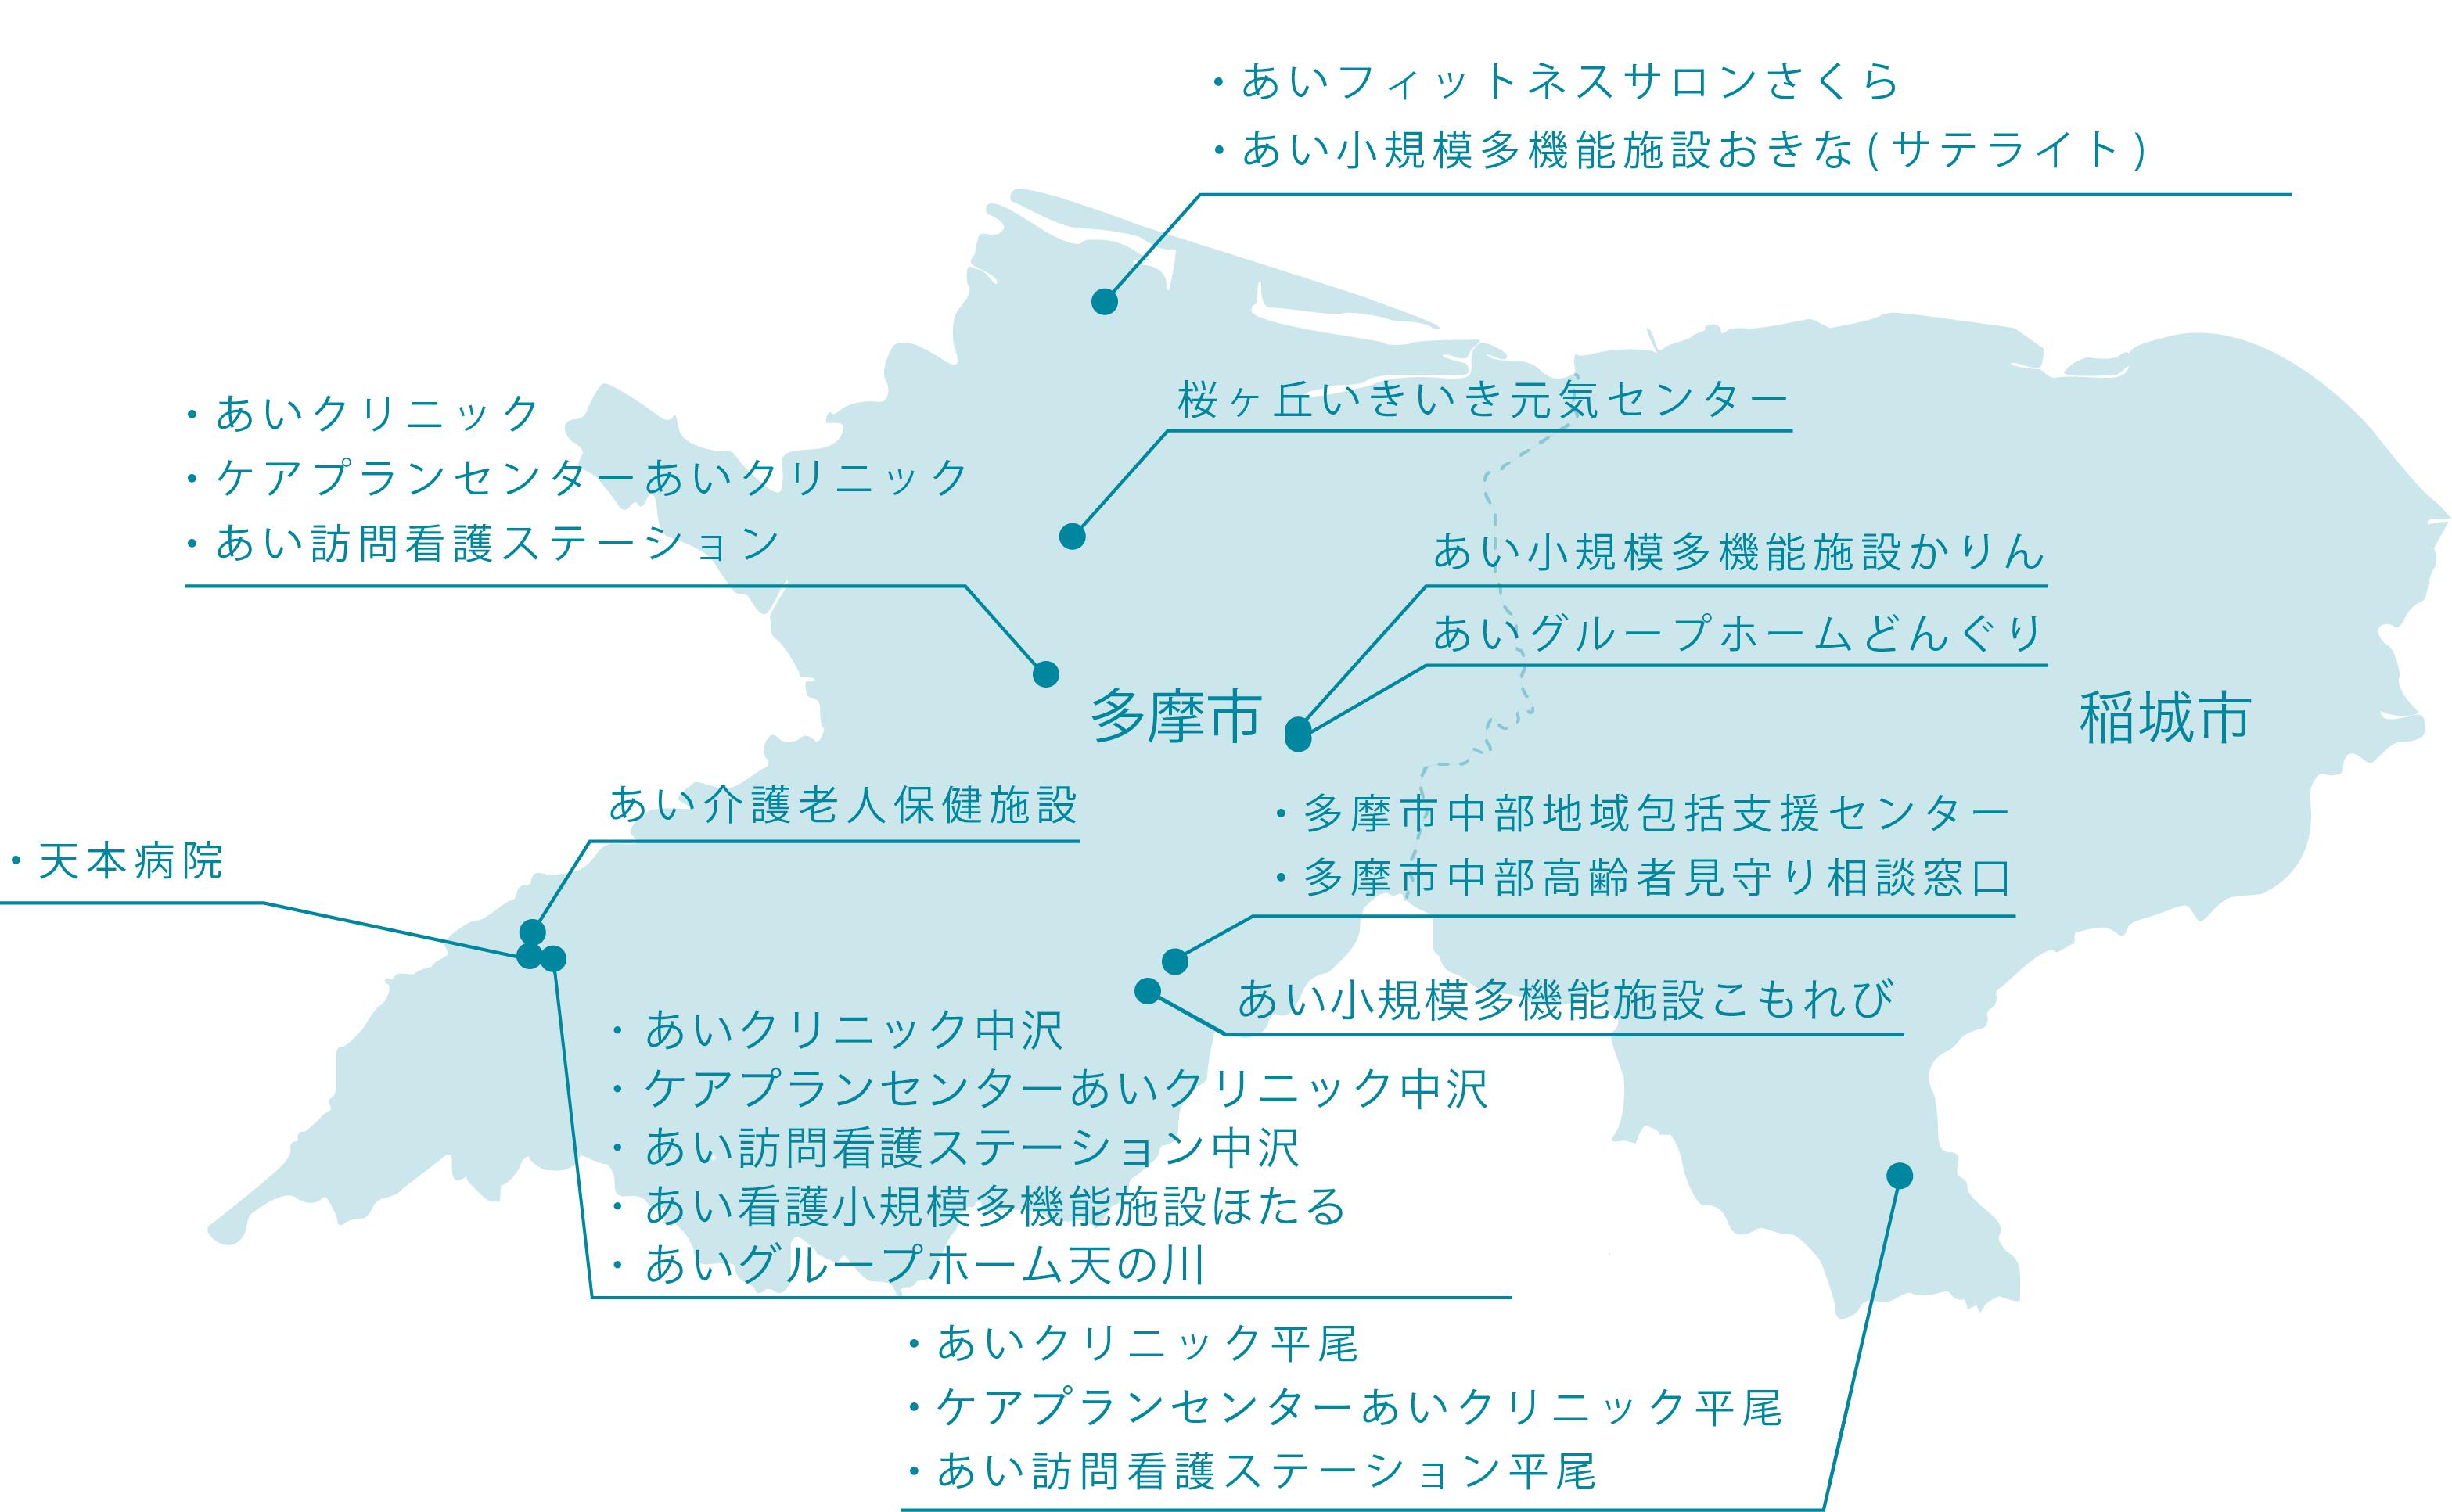 摩事業部エリアマップ